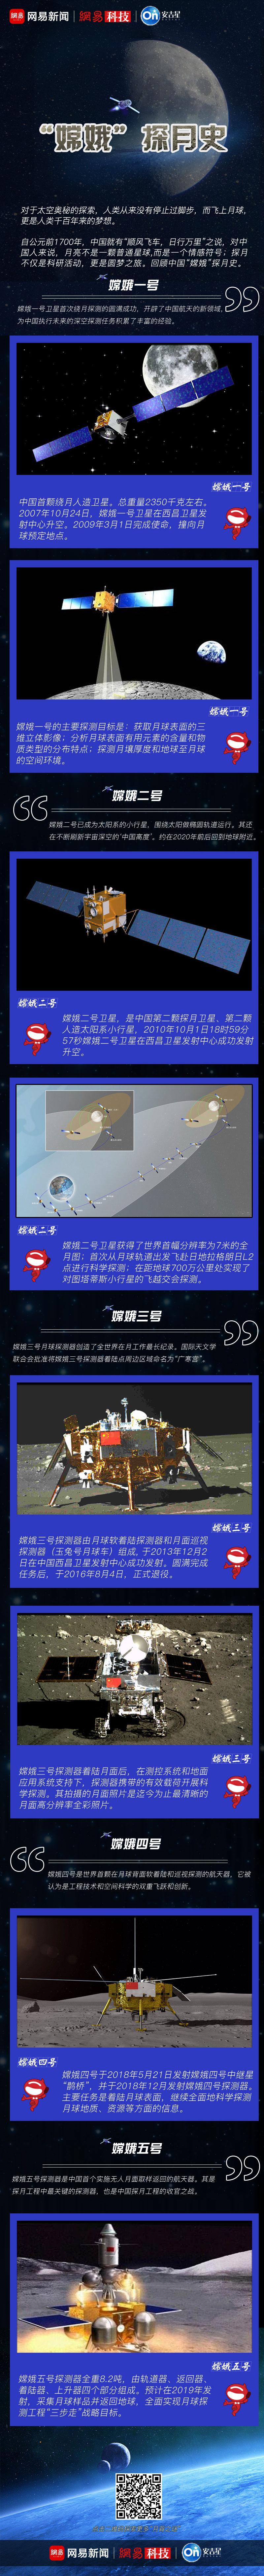 """嫦娥探月史:看中国对月球探测如何实现""""三步走"""""""